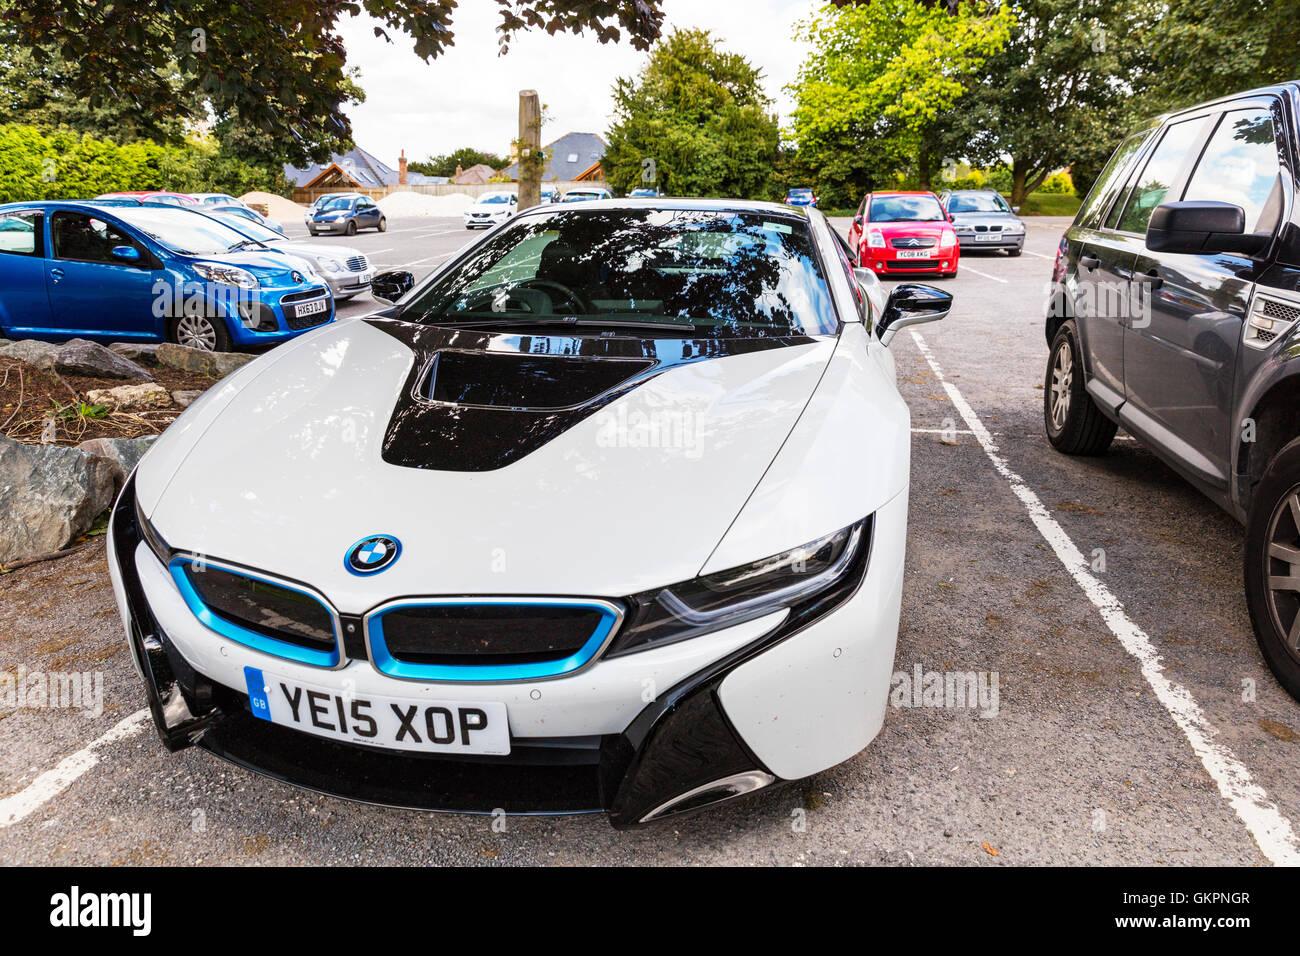 BMW i8 plug-in de voitures de sport voitures de sport hybride développé par BMW véhicule stationné Photo Stock